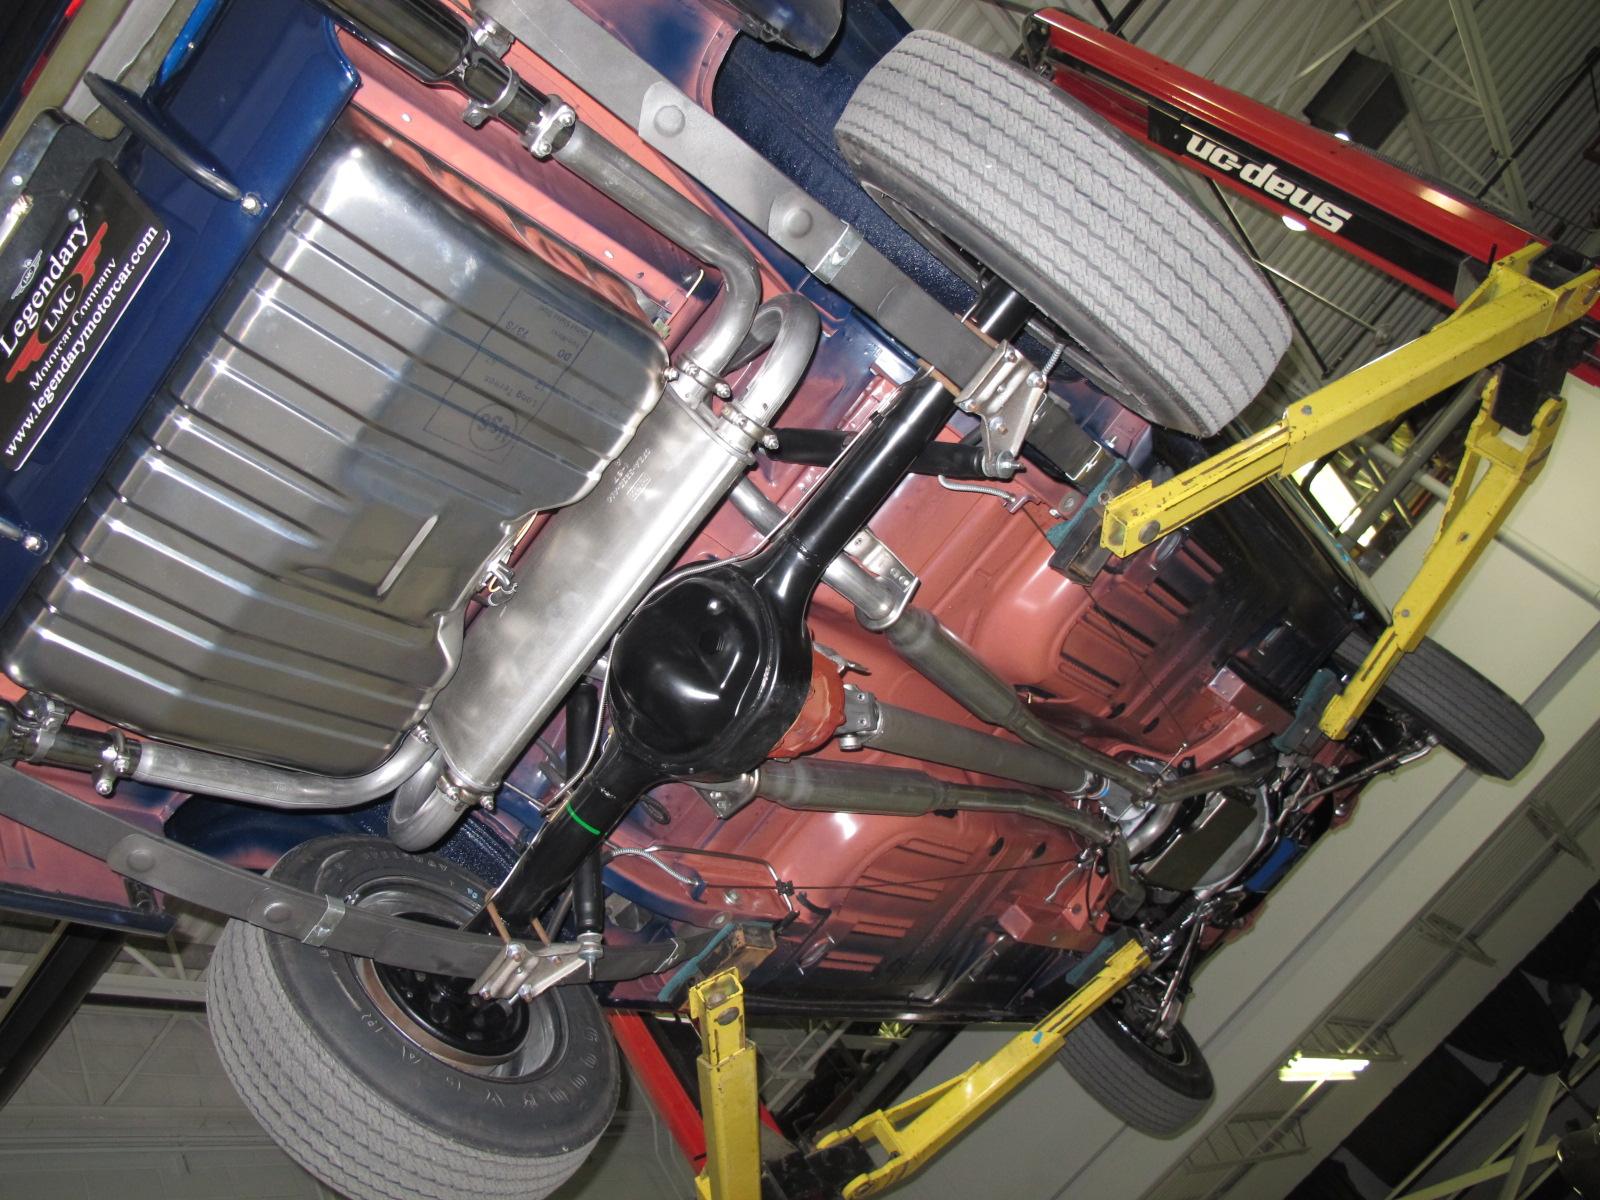 1967 Shelby GT500 Resto mod